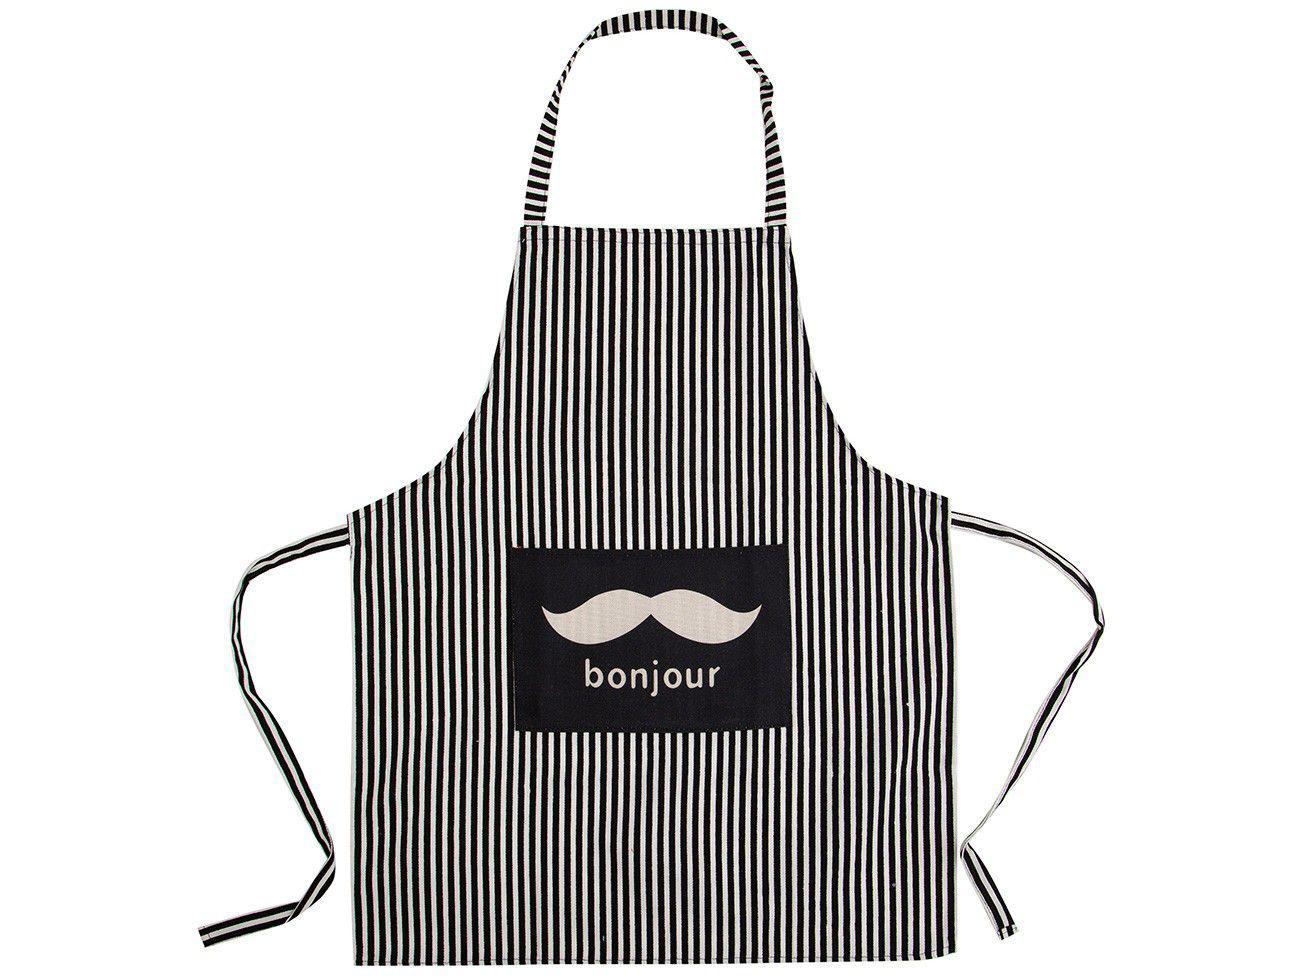 Avental de Cozinha com Bolso Jolitex Ternille - Design Bonjour Listrado Preto e Branco